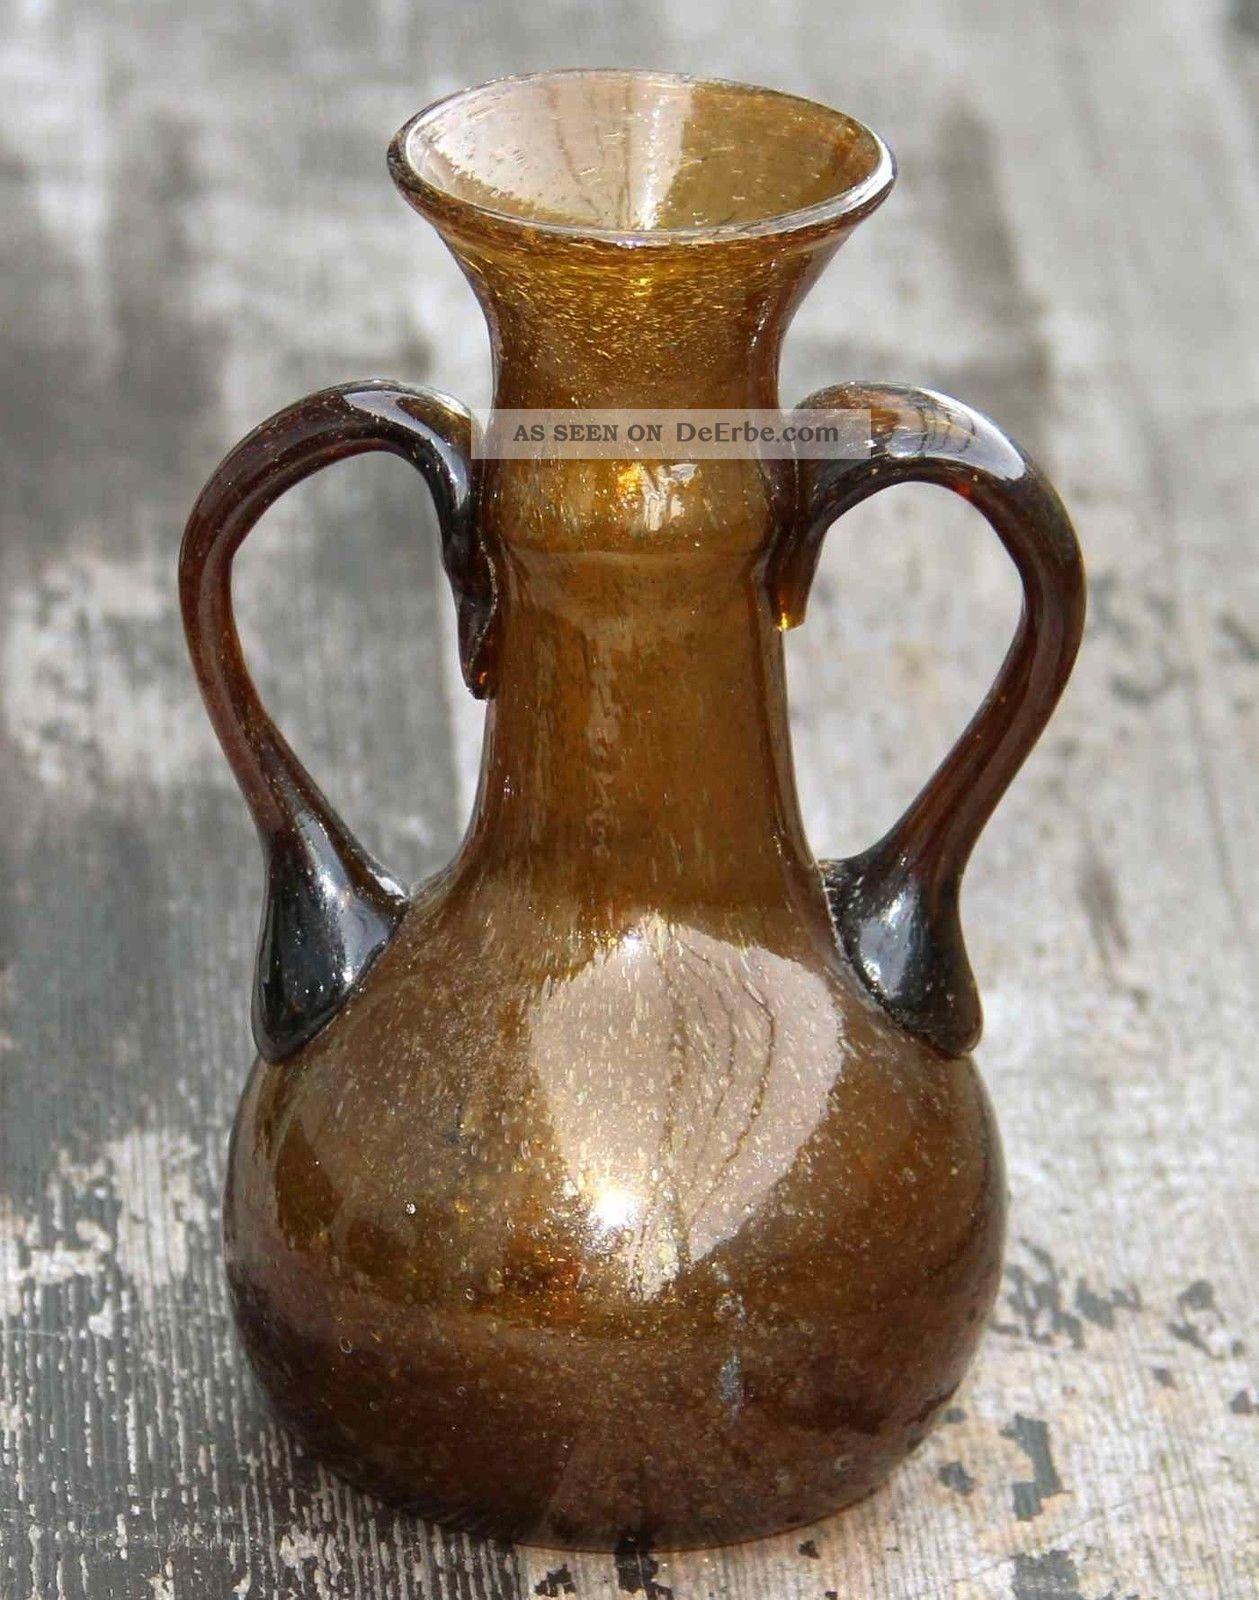 Glasvase Vase Aus Südfrankreich - Biot ? - Braunes Glas Mit Blasen - 15 Cm Toll Dekorglas Bild